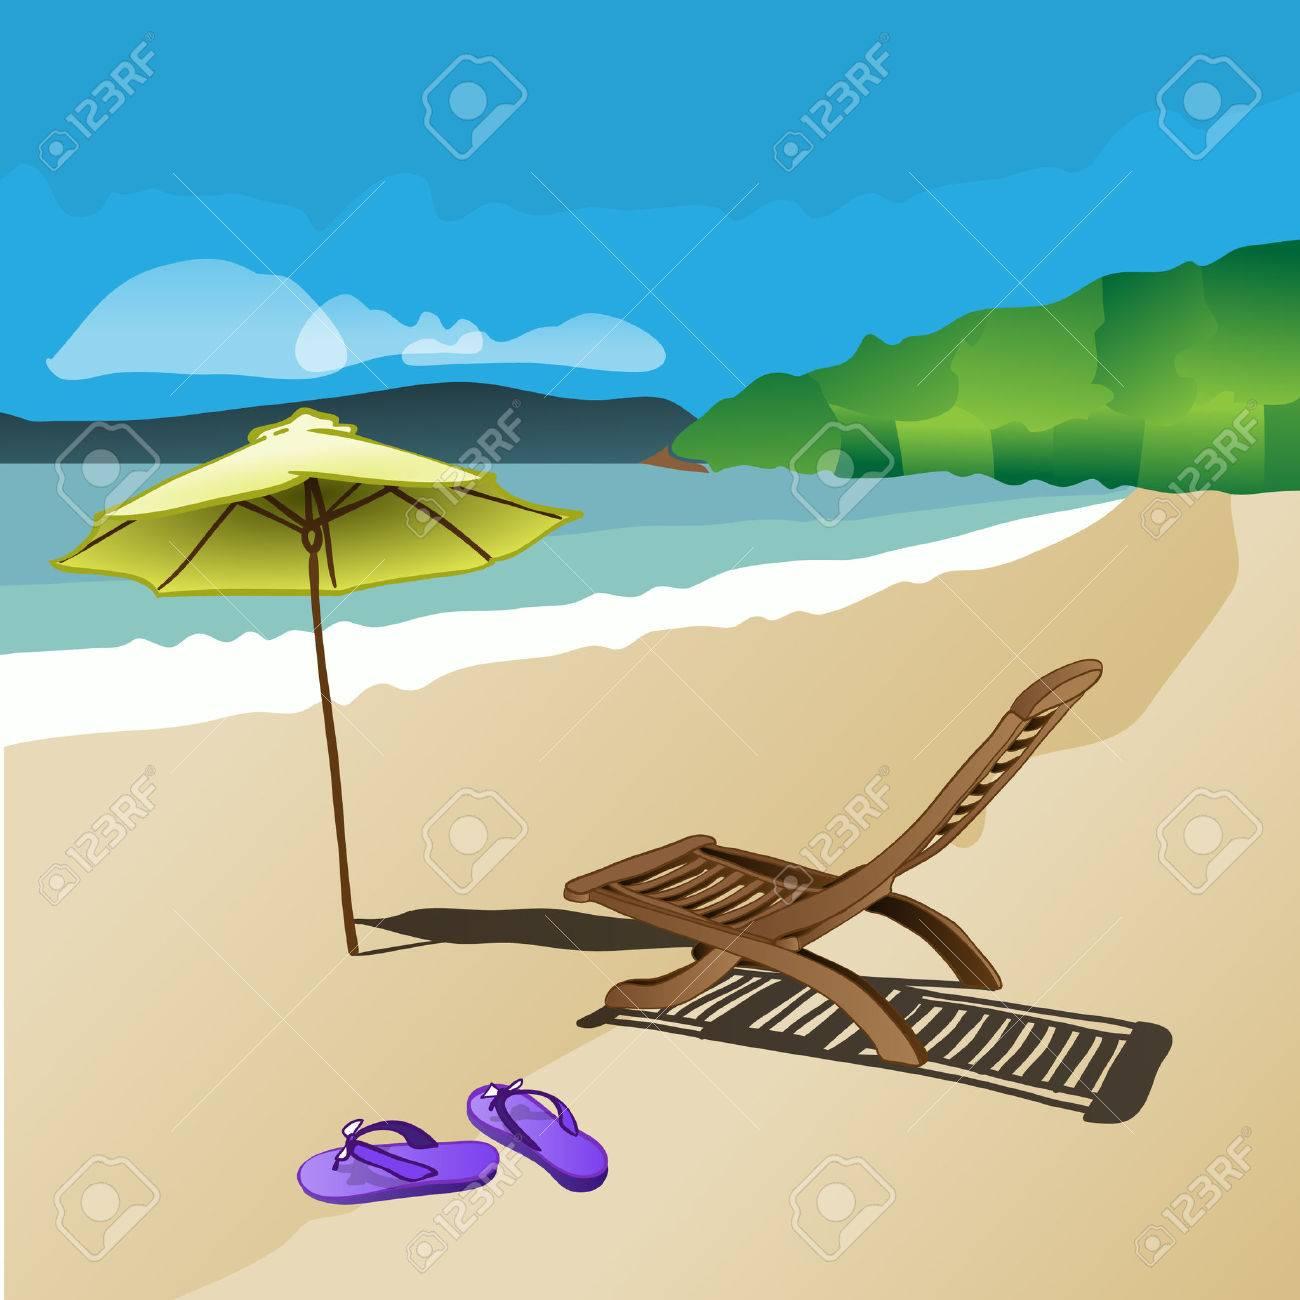 VaguesChaise De D'été LongueSandales Et PlageSoleilSableLes Parasol Coloré Concept Vacances Résumé wOnkX8ZN0P